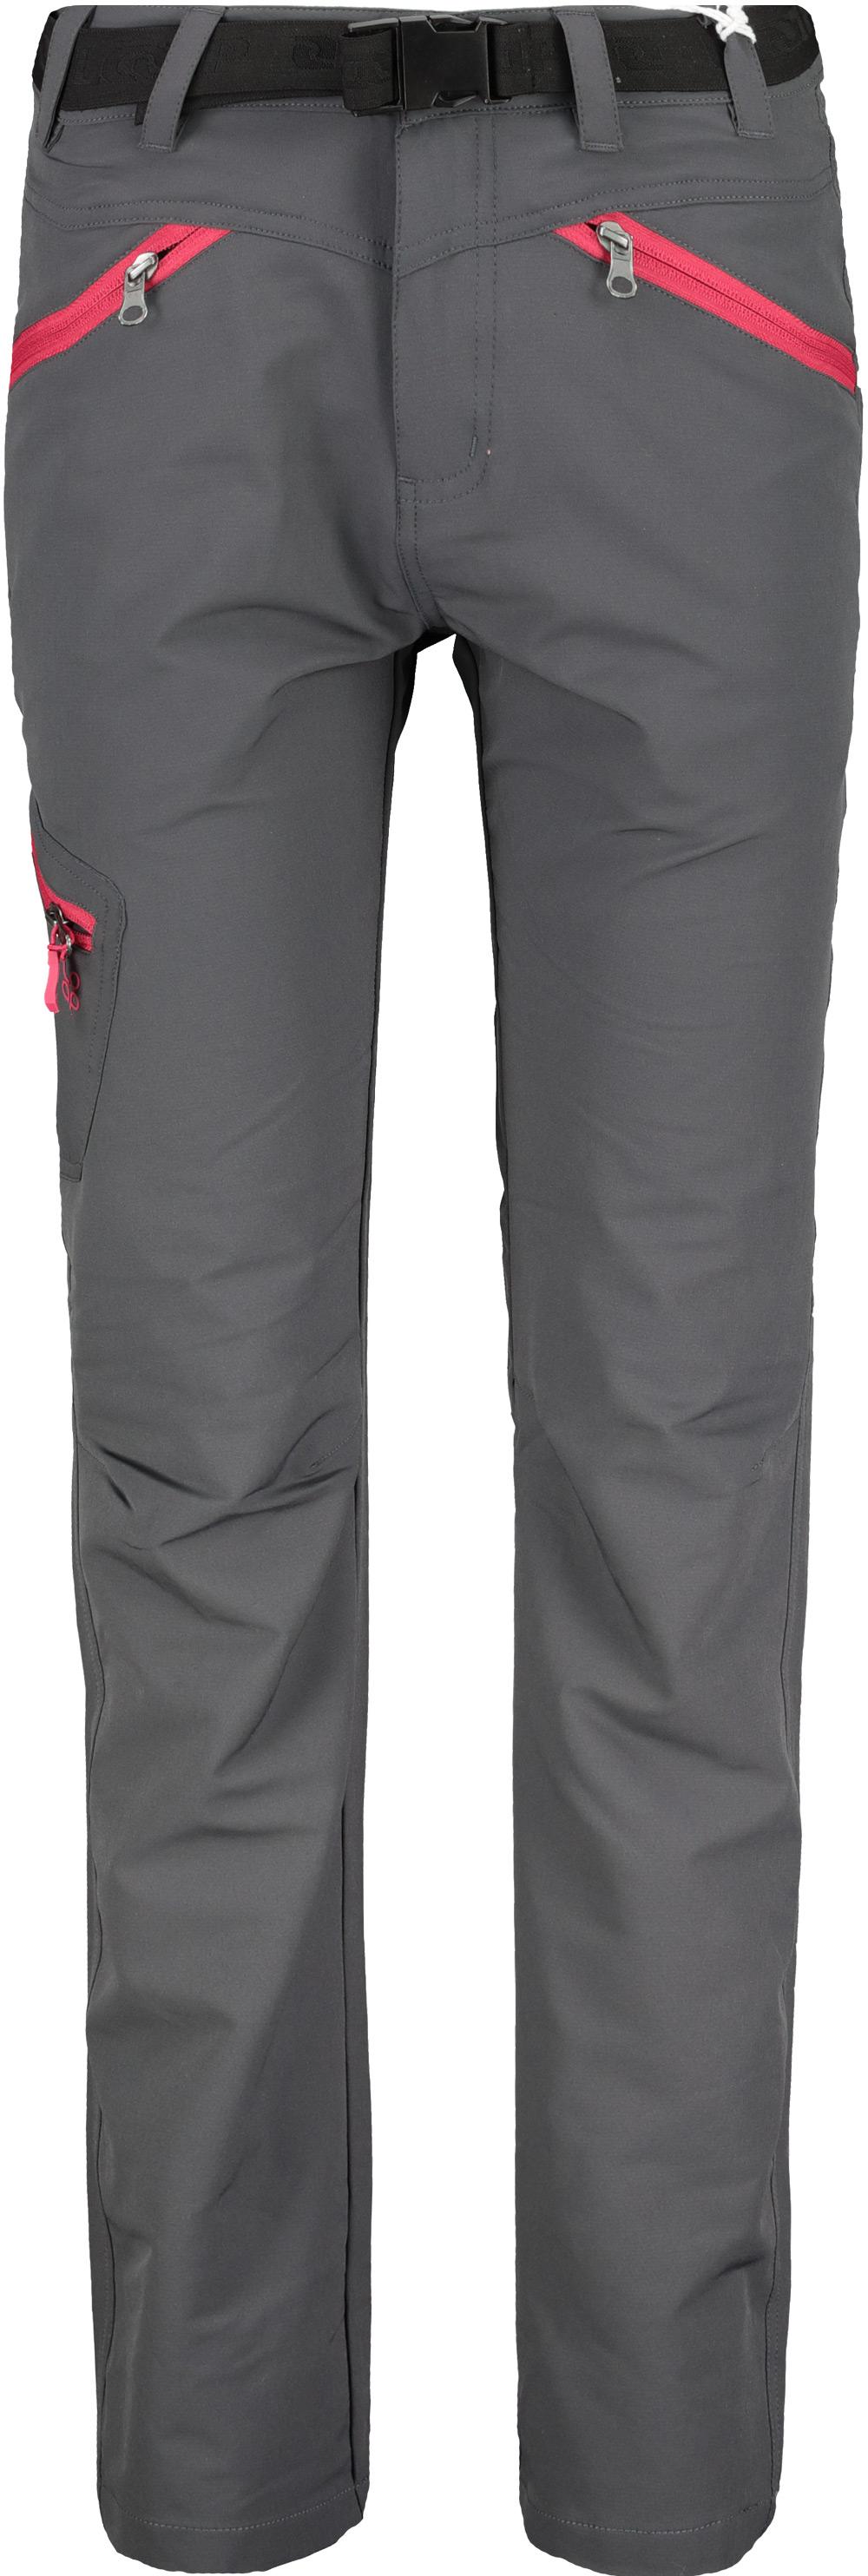 0bebf8a8cdc9 Kalhoty sportovní dámské LOAP UMMA